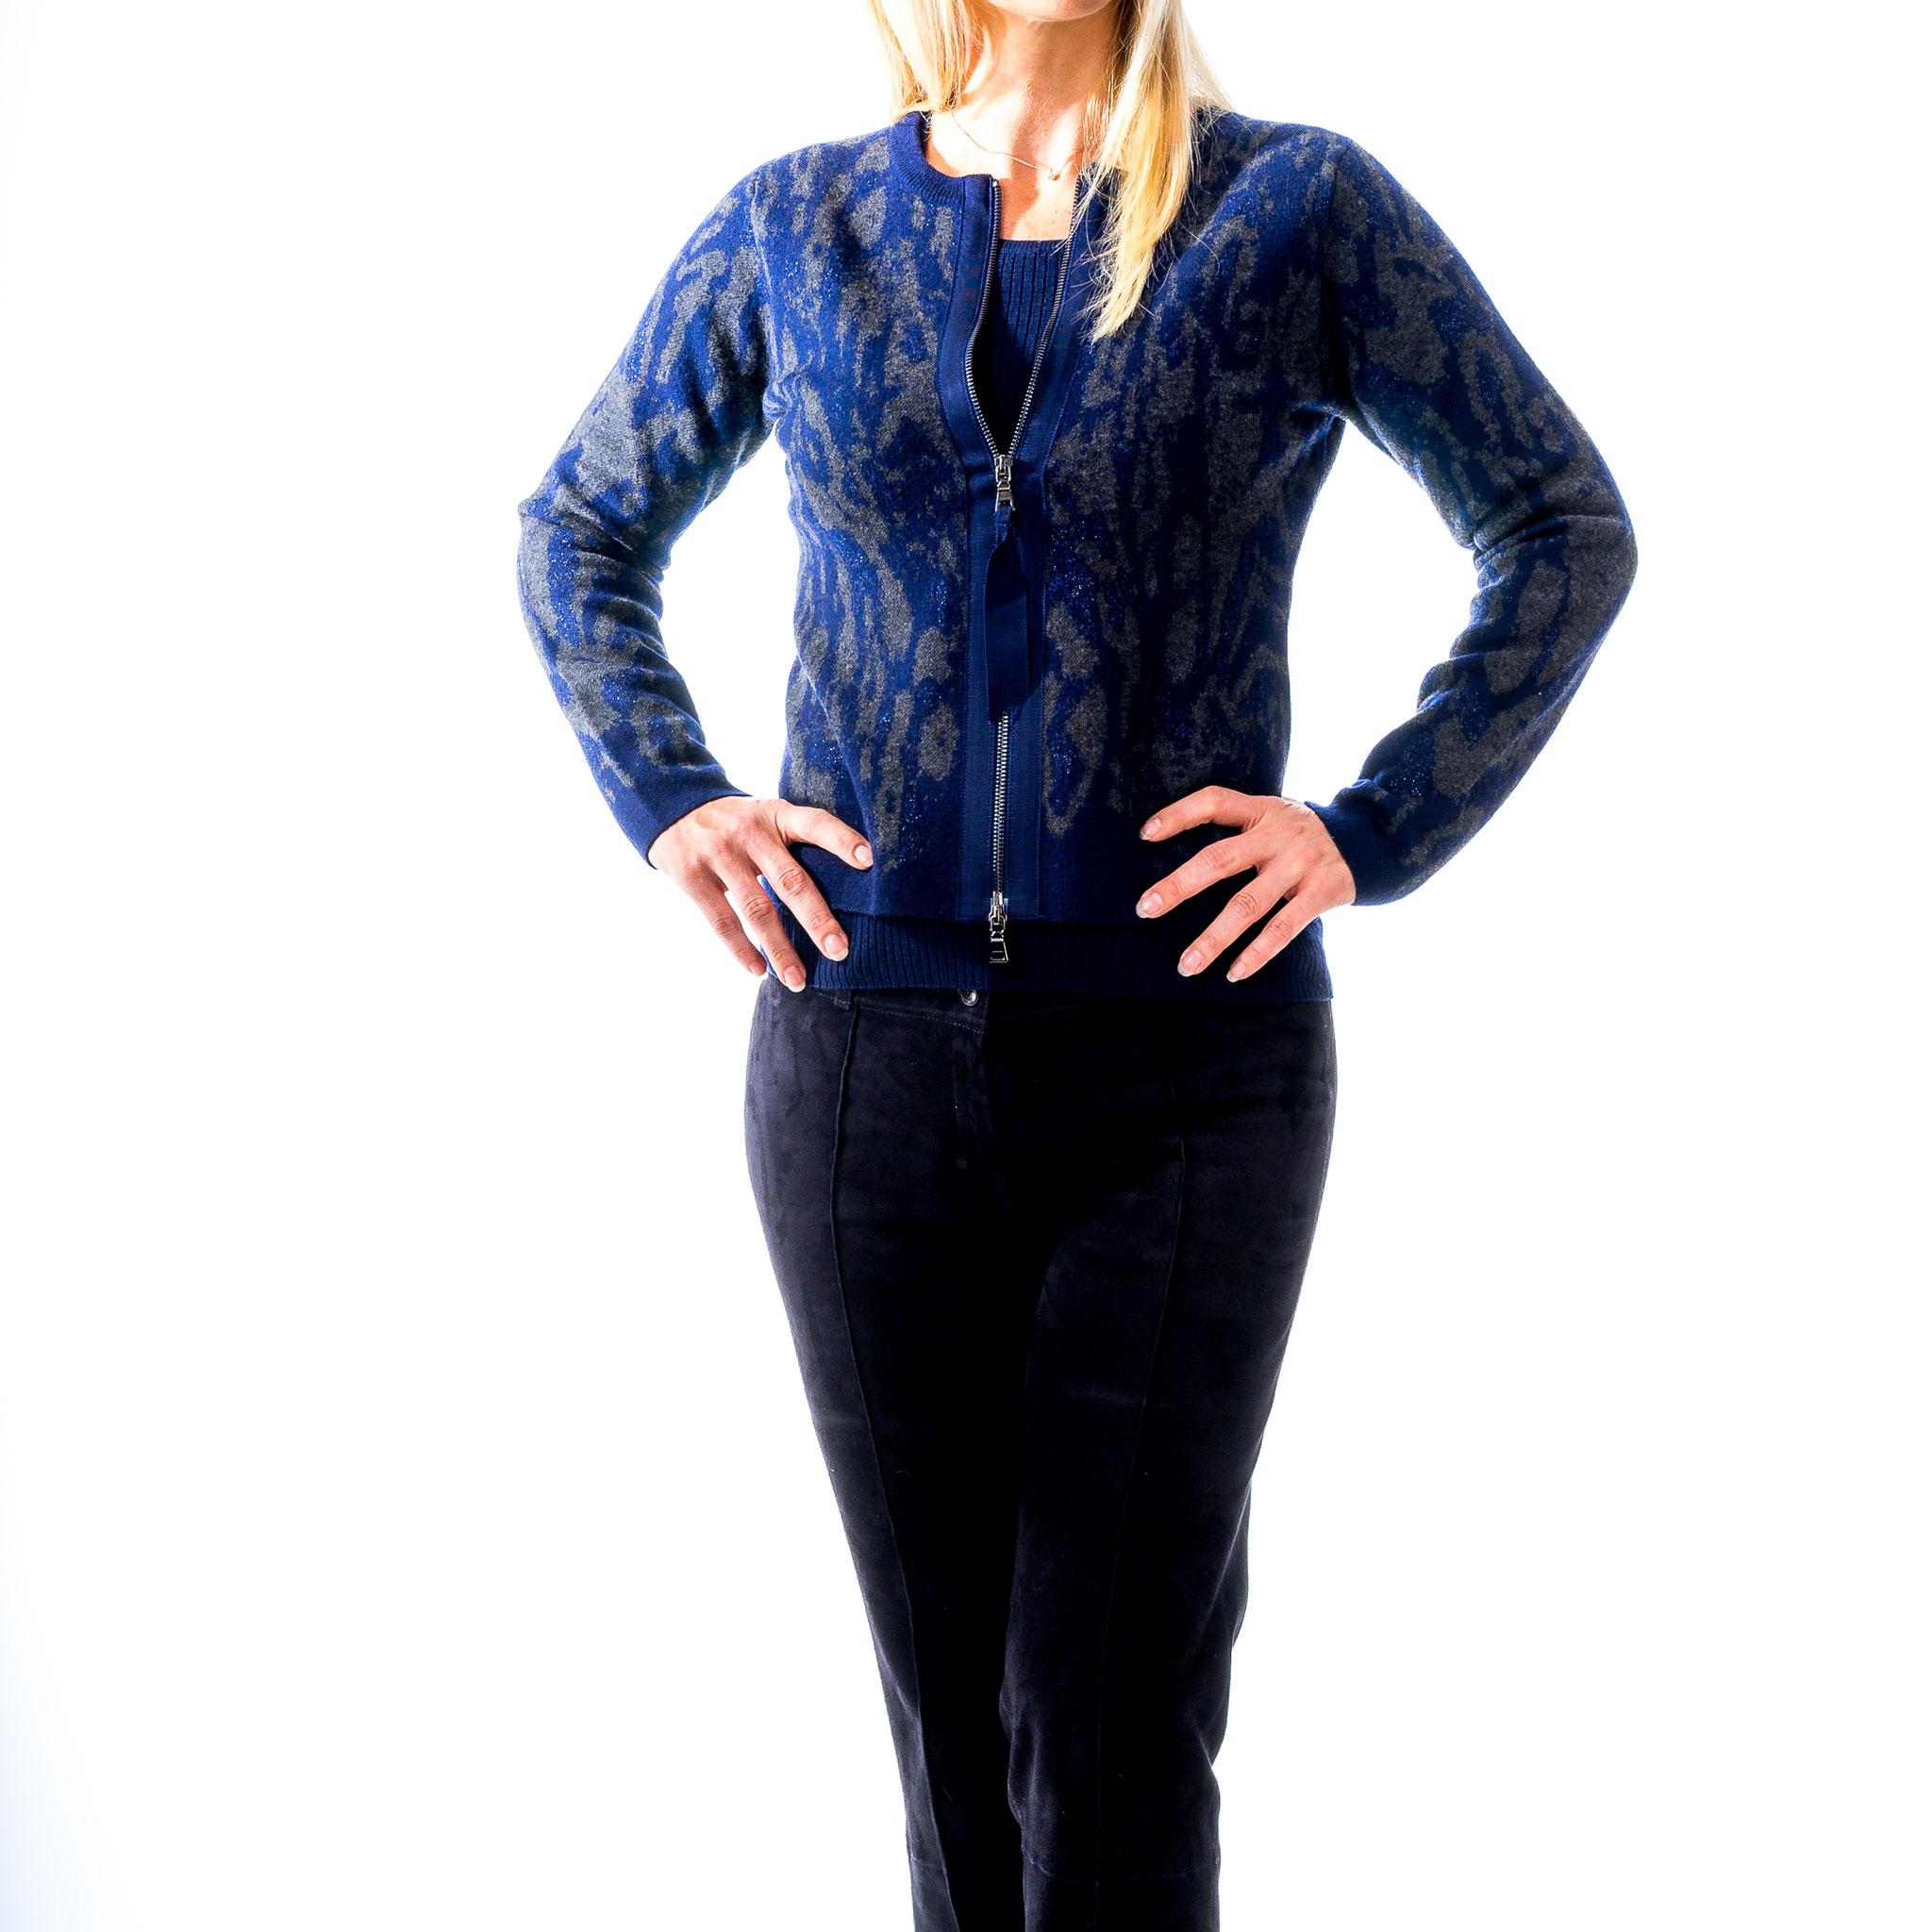 Strickjacke Marineblau mit Taupe von Nice passend dazu ein Basic-Strickshirt